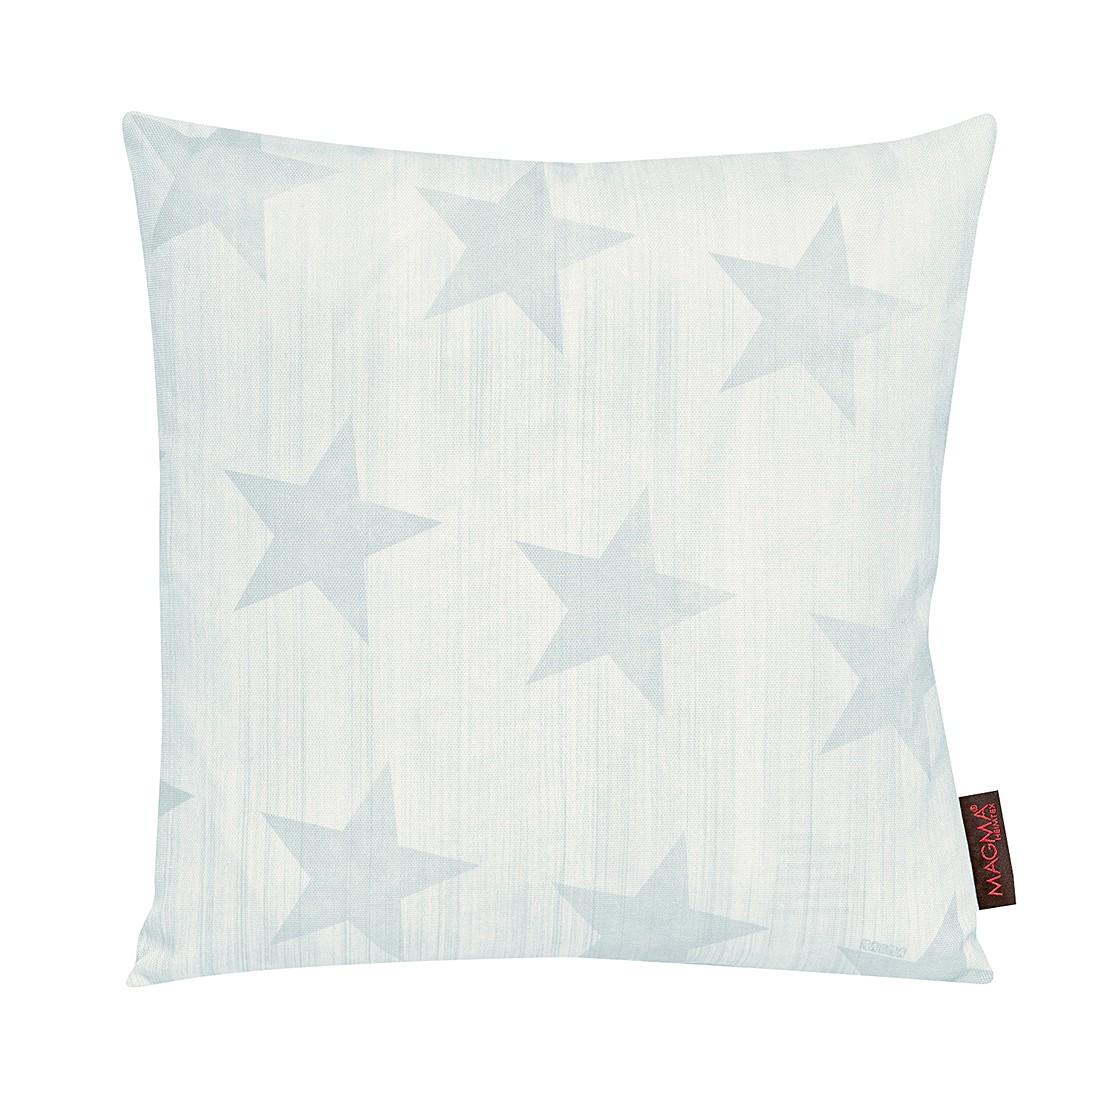 Kissenhülle Sternschnuppe I – Graublau – 40 x 40 cm, twentyfour online kaufen